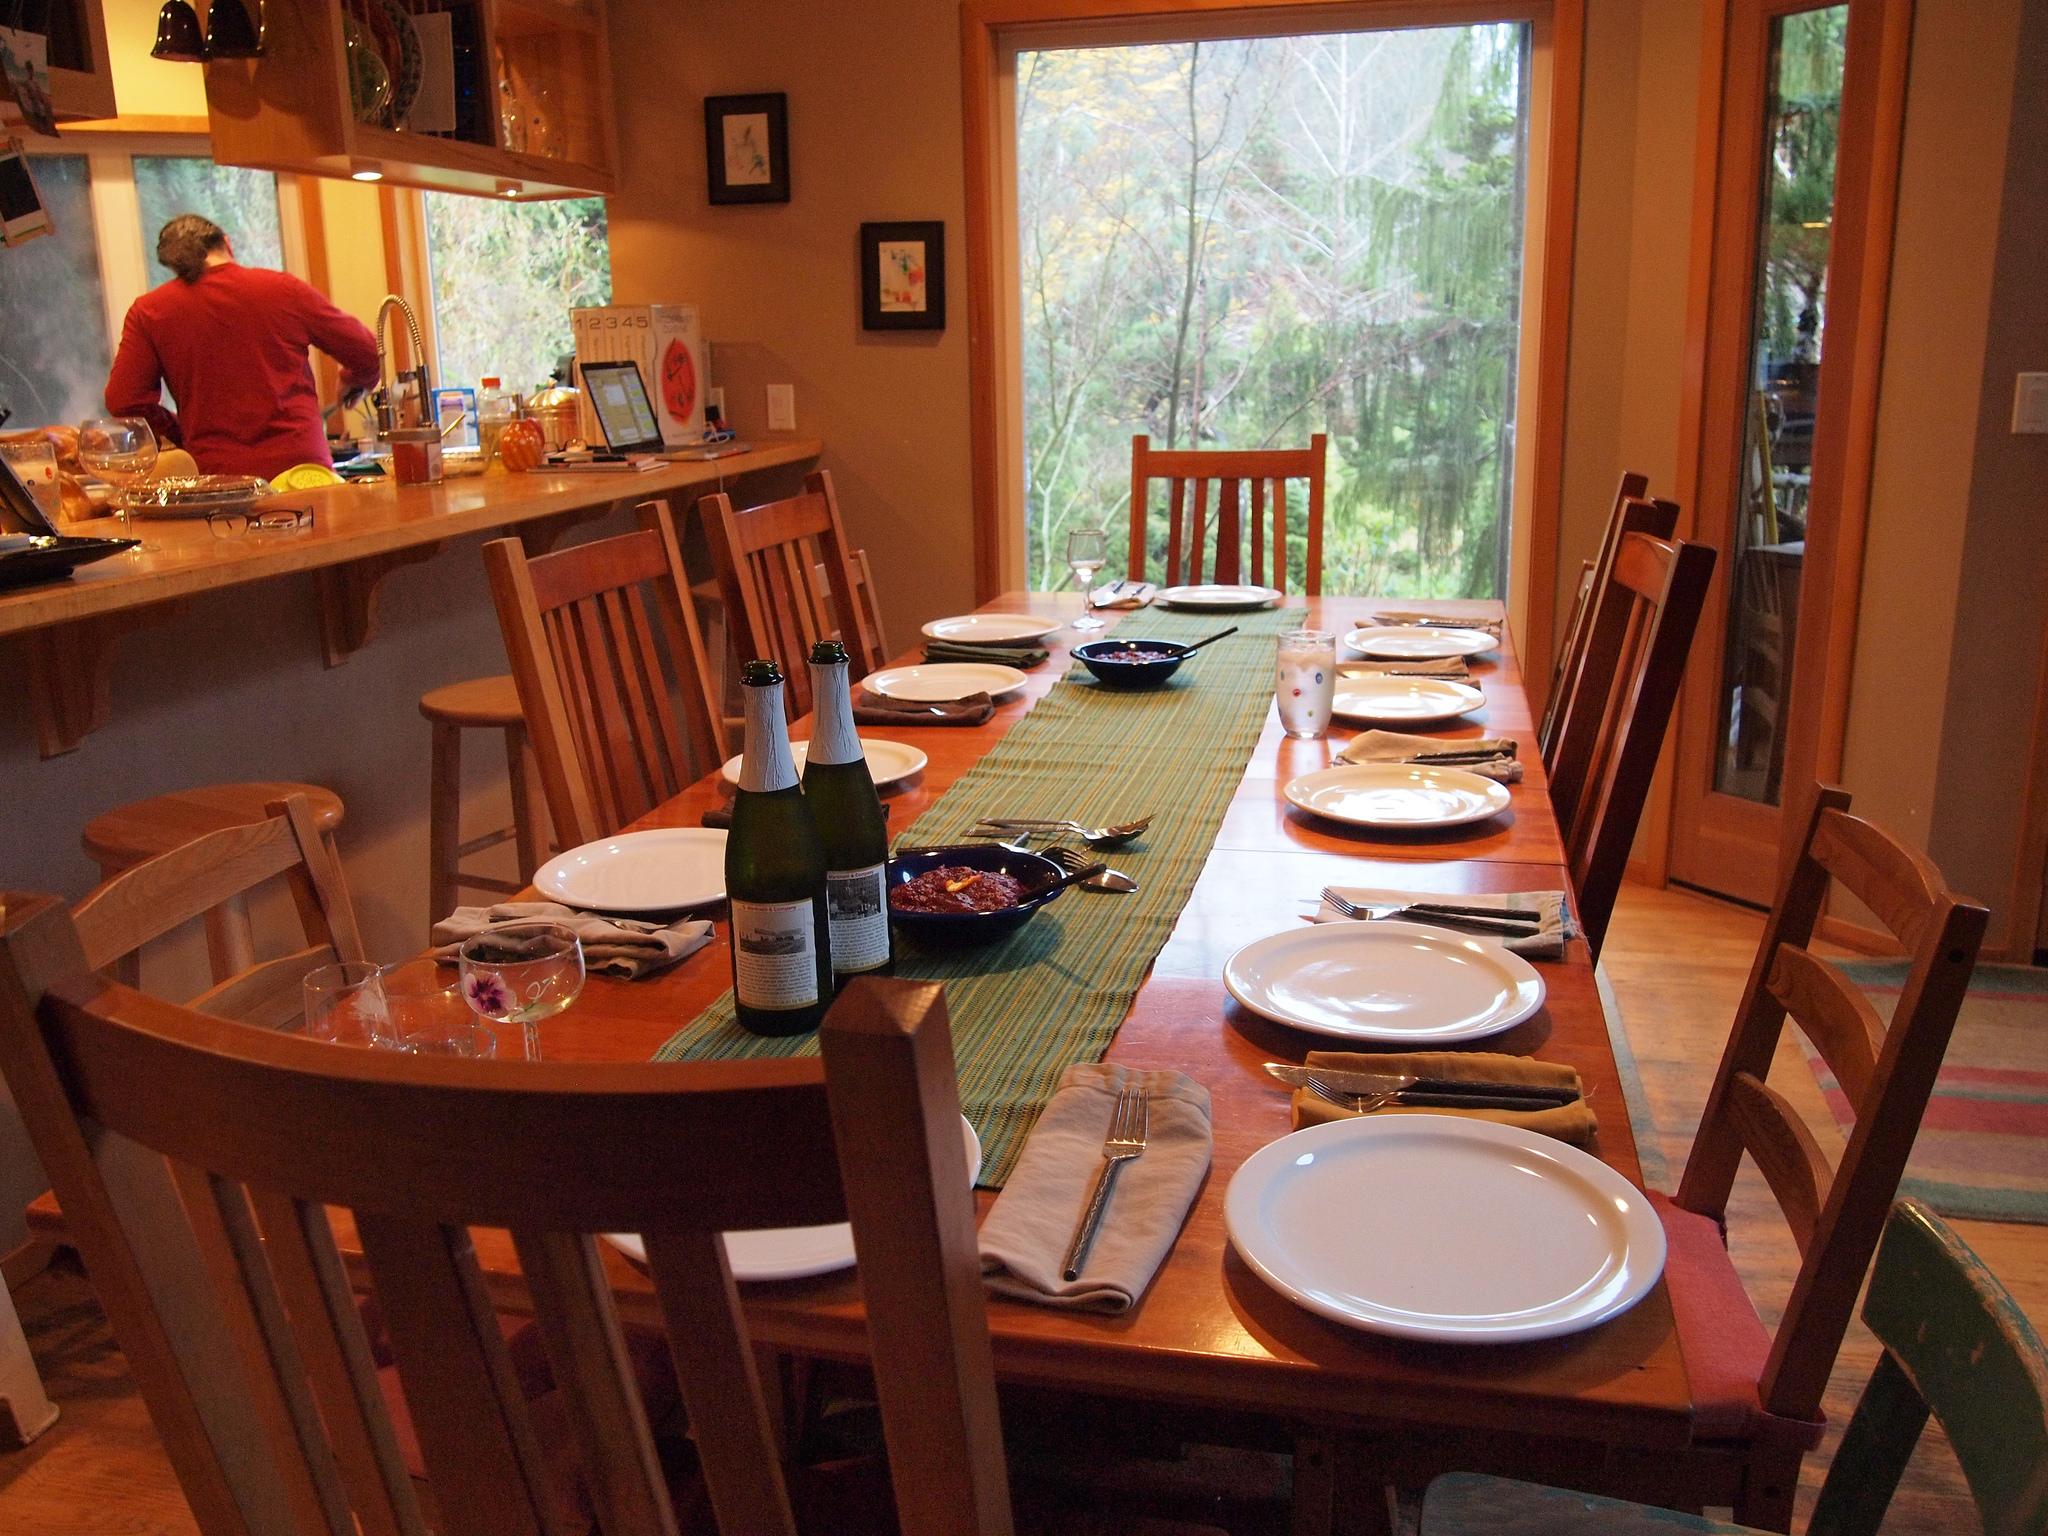 میز ناهار خوری چوبی صندلی ام دی اف تزیین و چیدمان میز ناهار خوری